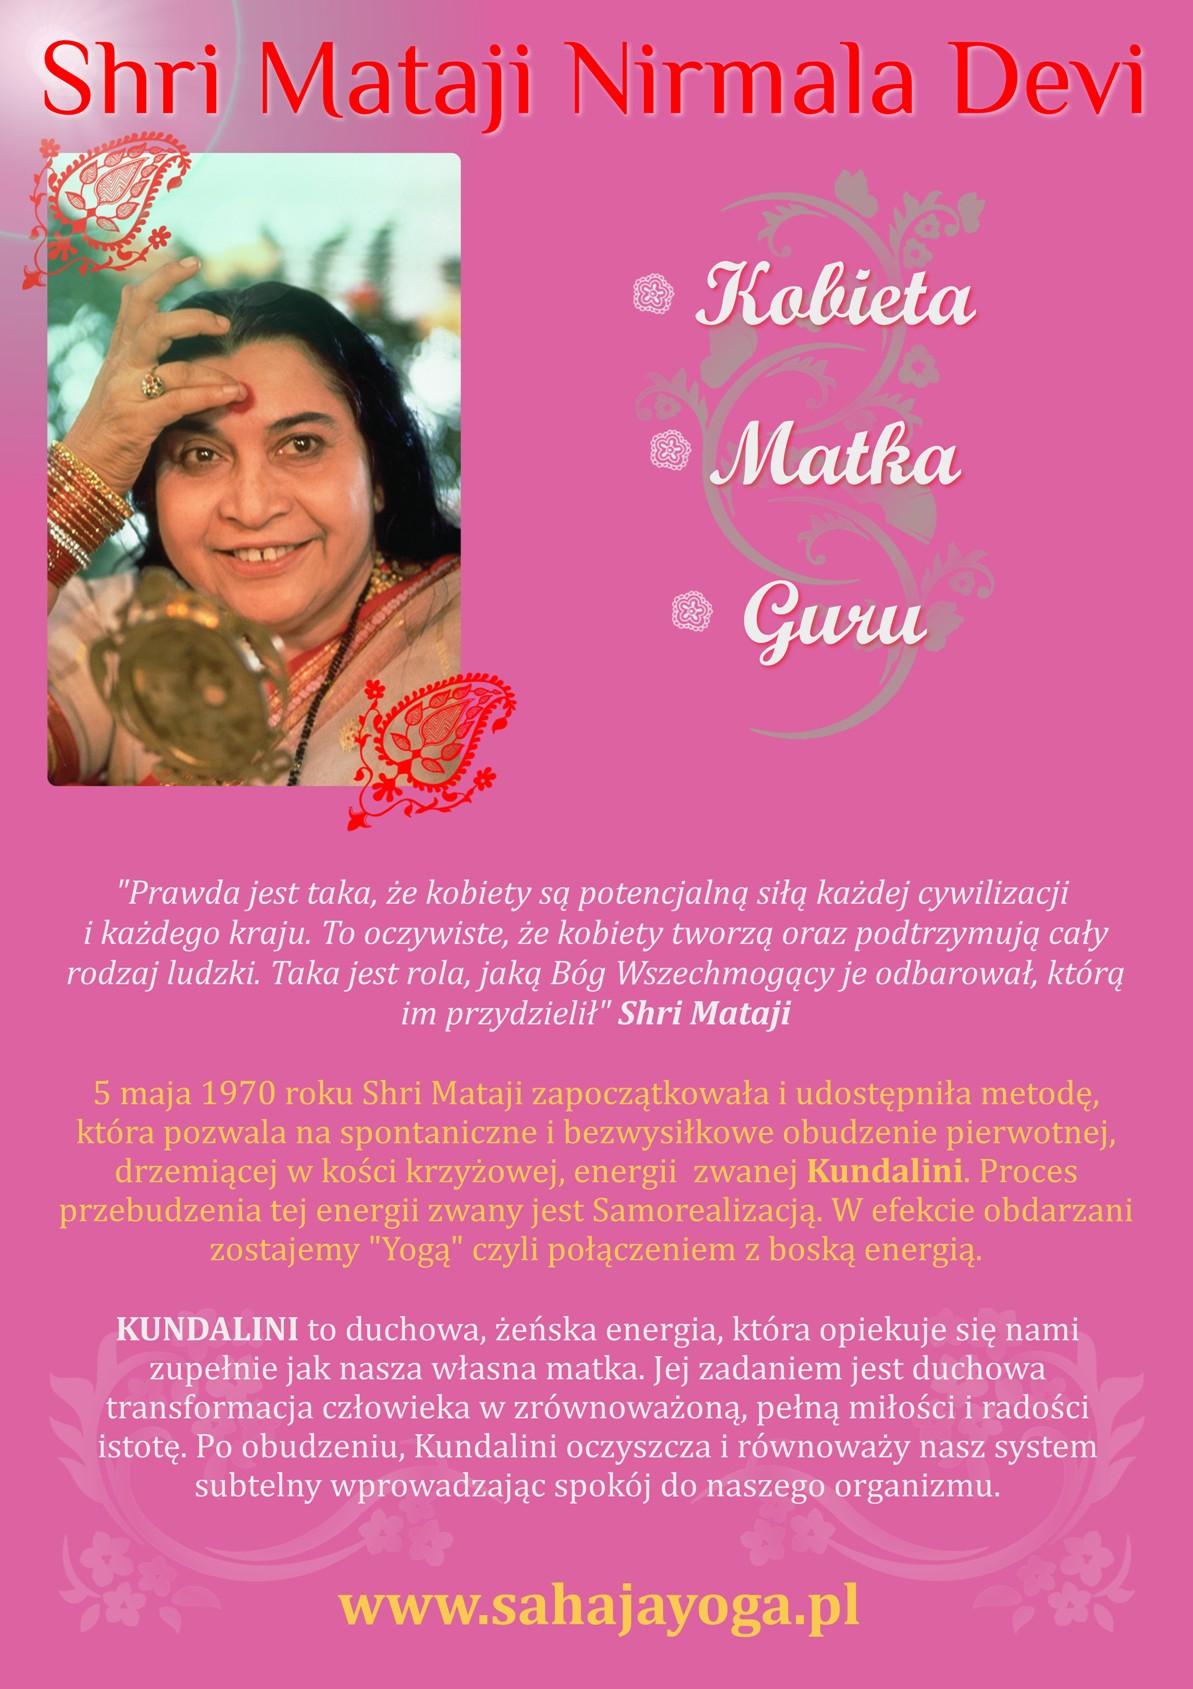 Shri Mataji - 8 marca.